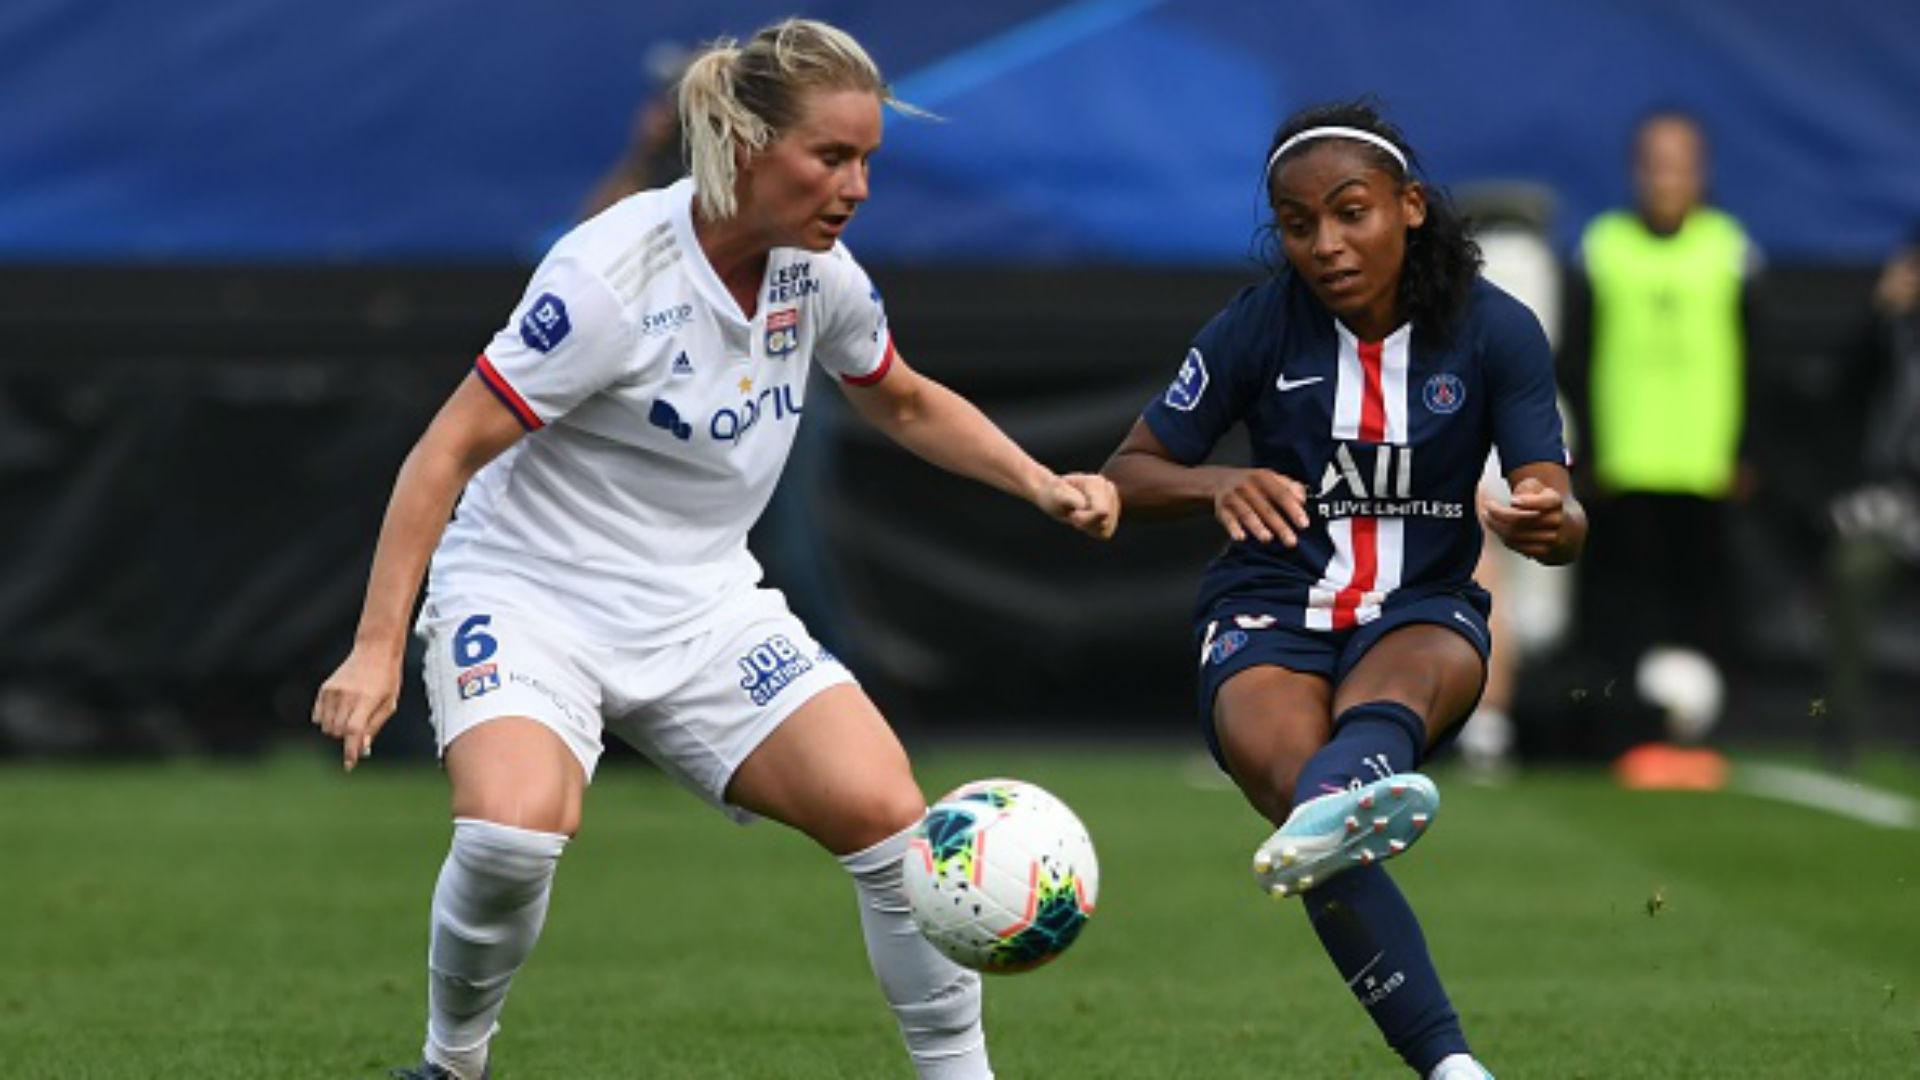 D1 féminine - PSG-OL : Paris s'oppose à un report du match